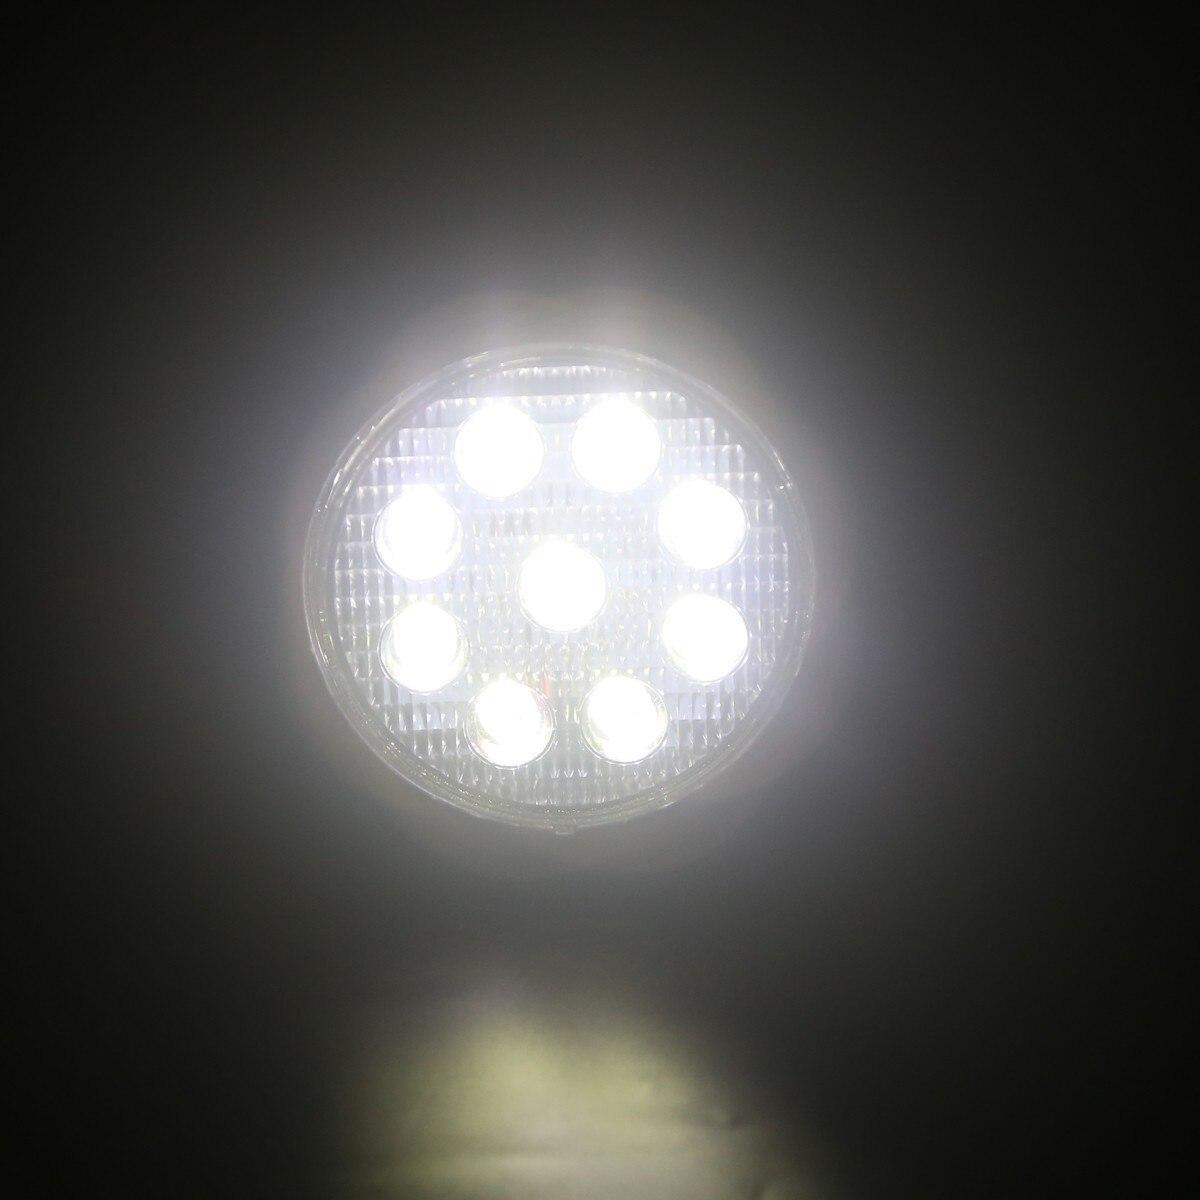 4 дюймов Светодиодный Светлое пятно Наводнение свет работы бар для внедорожного трактор ATV UTV 4x4 лодках Охота автомобиля OffRoad лампы 12 В 24 В IP67